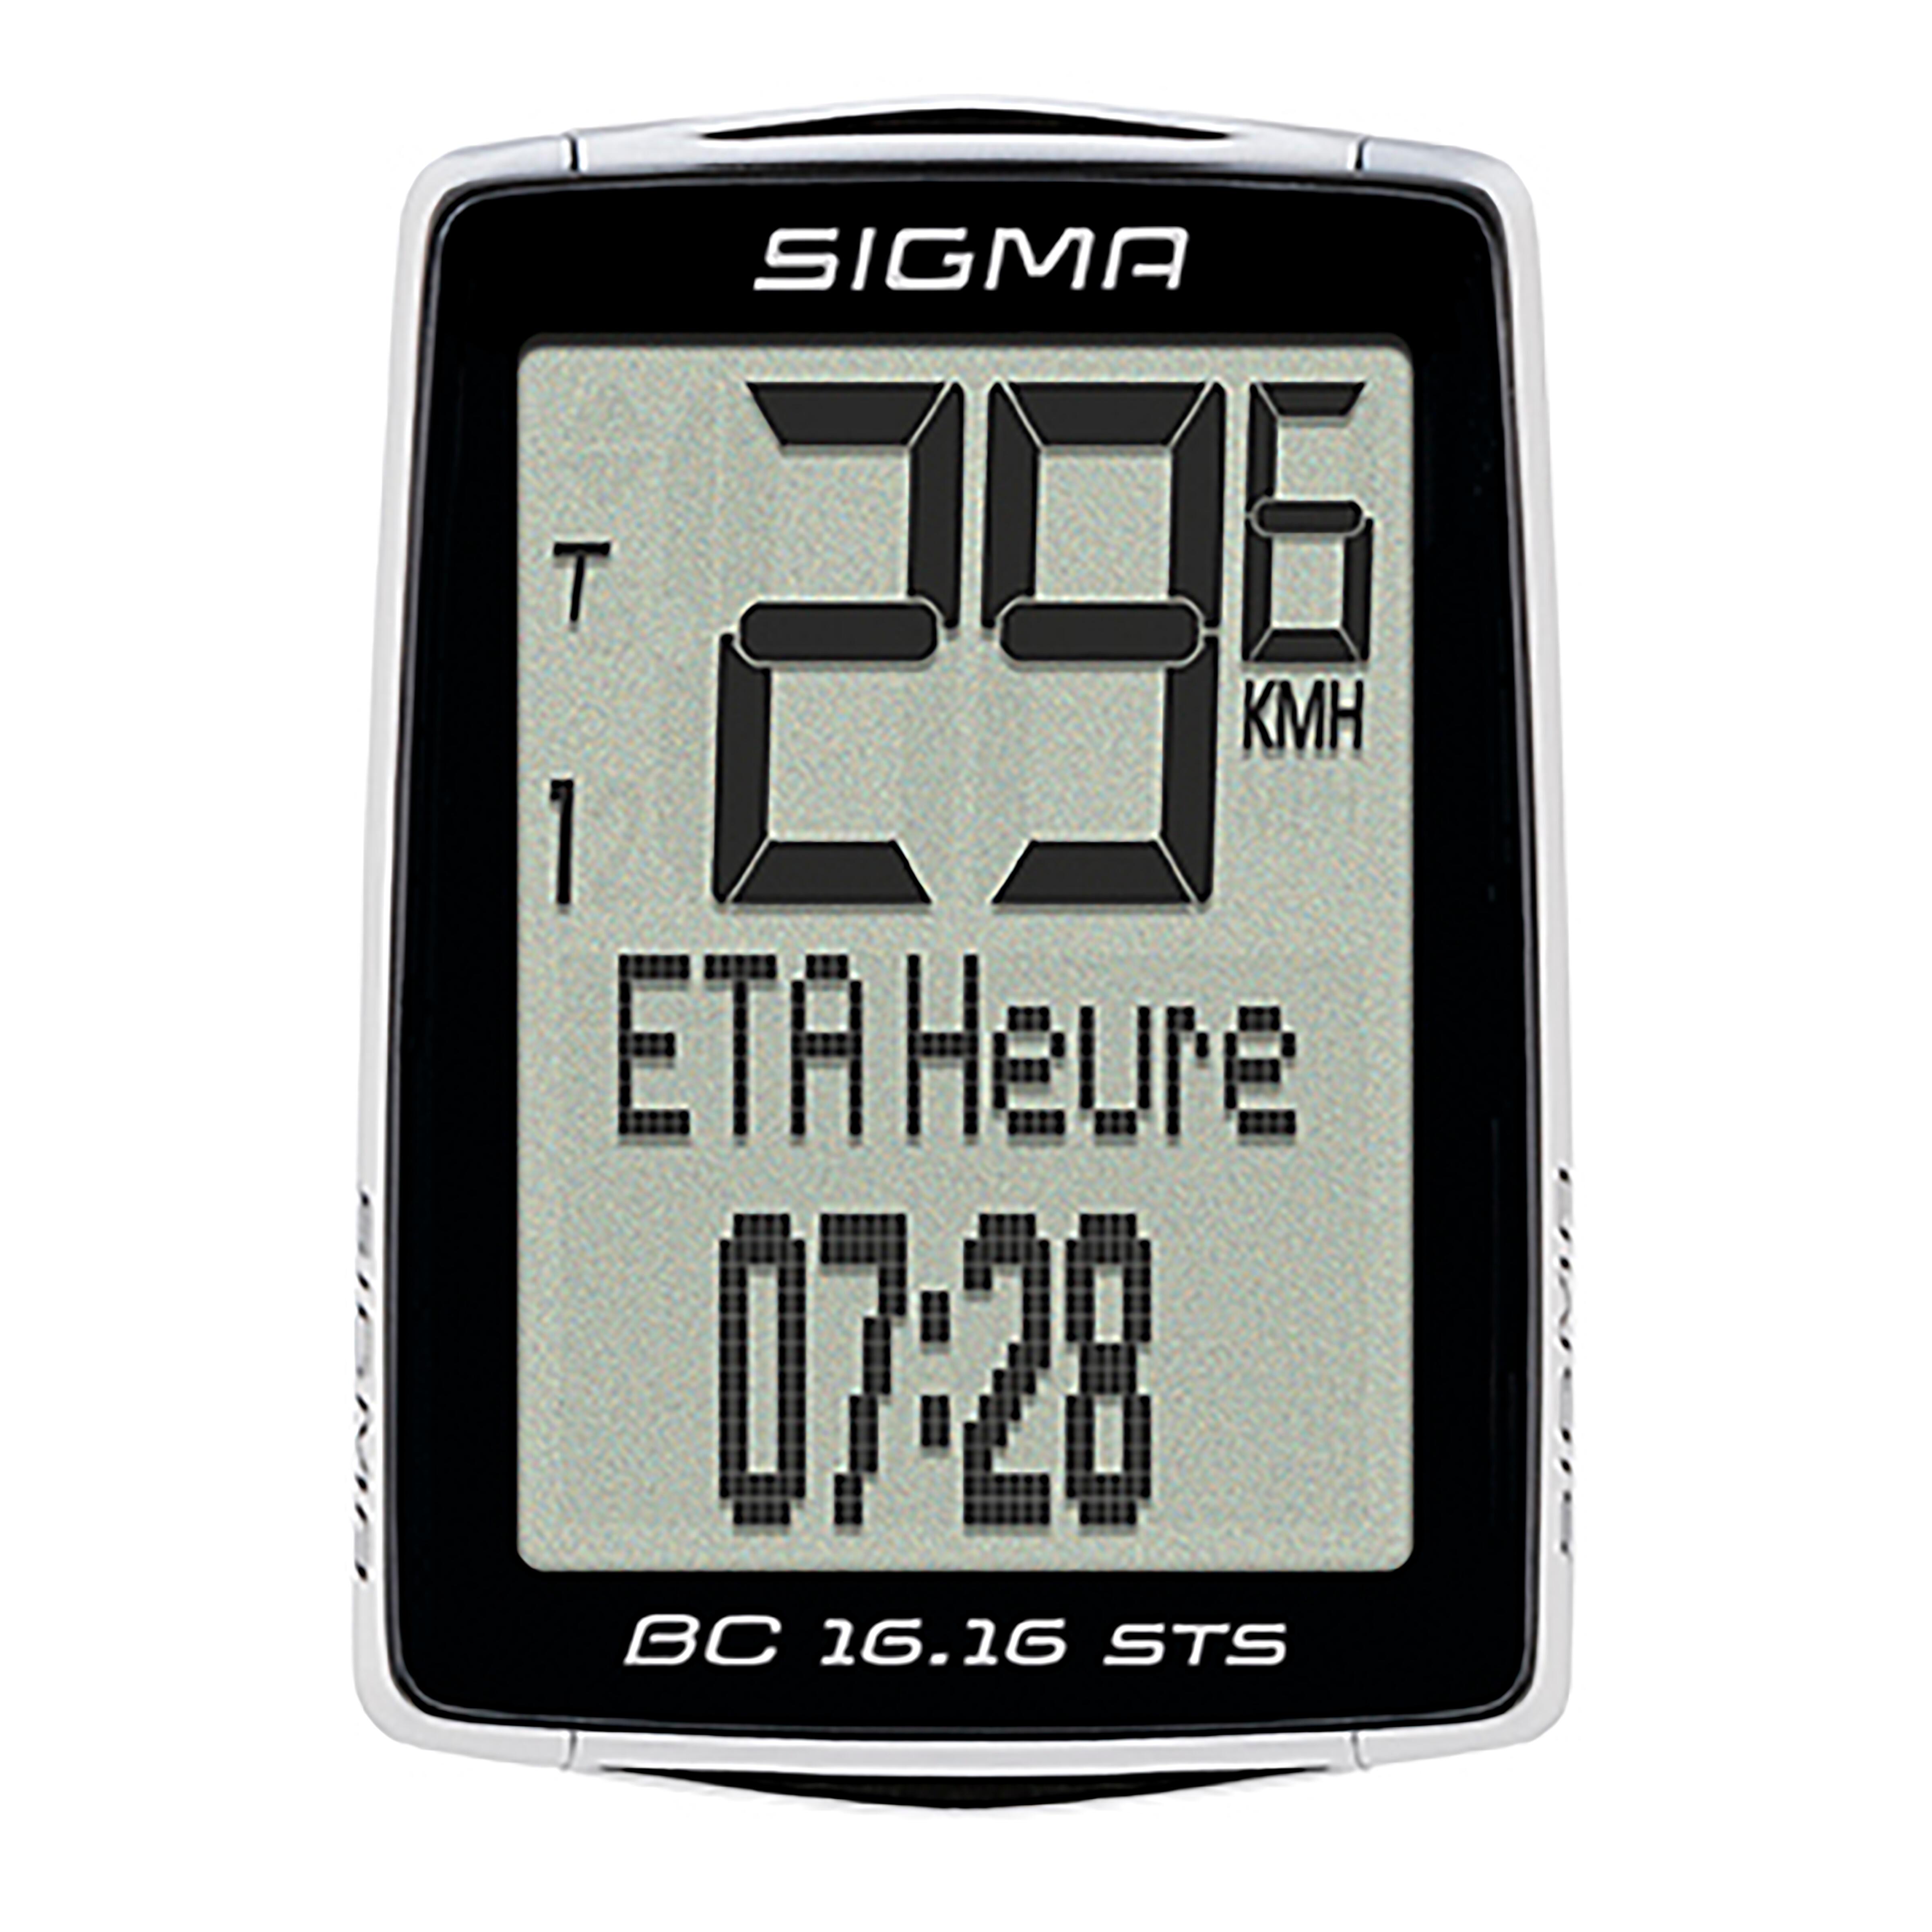 SIGMA BC16.16 Câblé Cyclisme//vélo ordinateur 16 fonctions vélo ordinateur 16.16